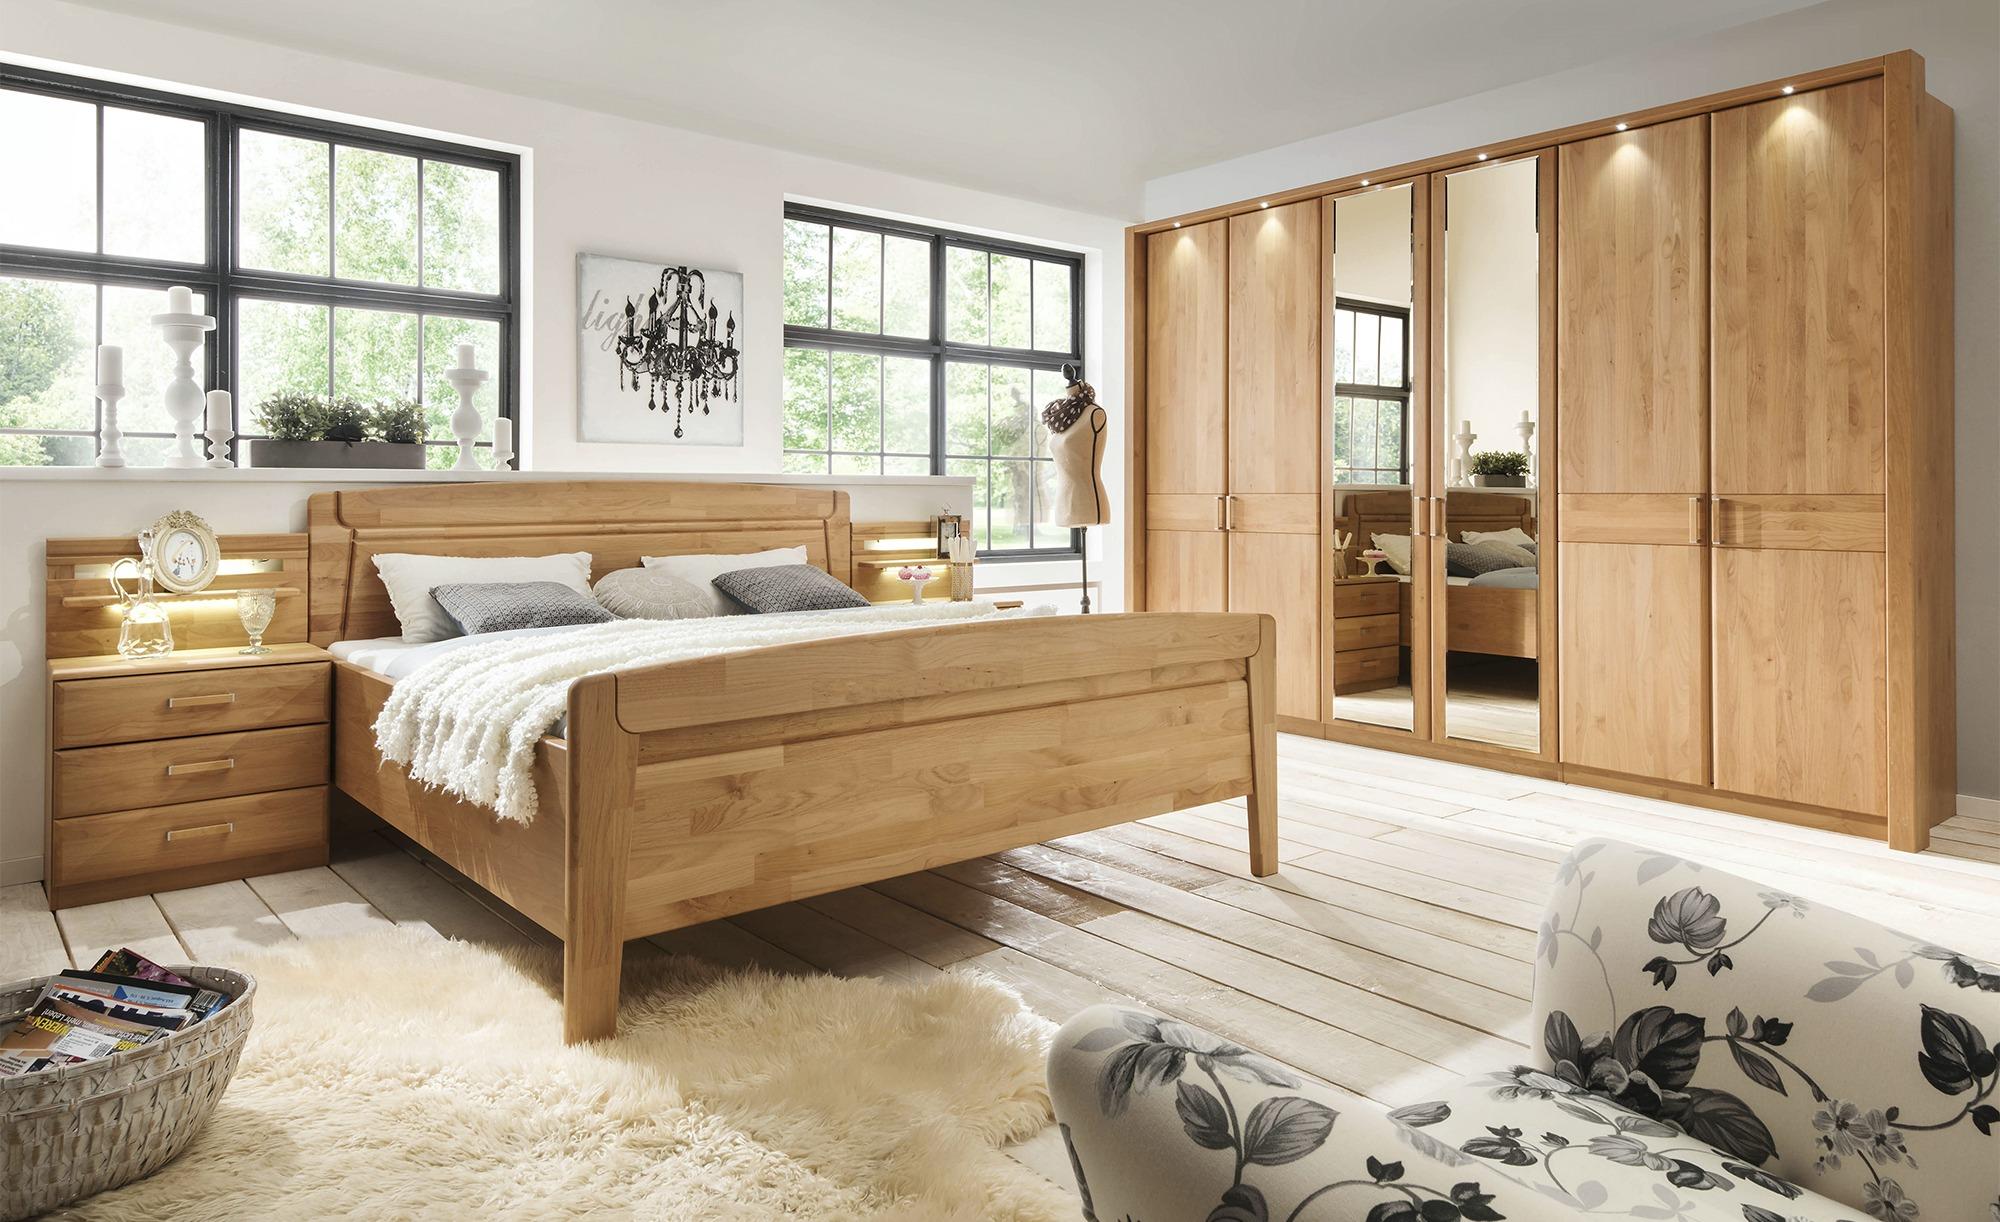 Woodford Schlafzimmer, 4-teilig Lausanne, gefunden bei Möbel Kraft